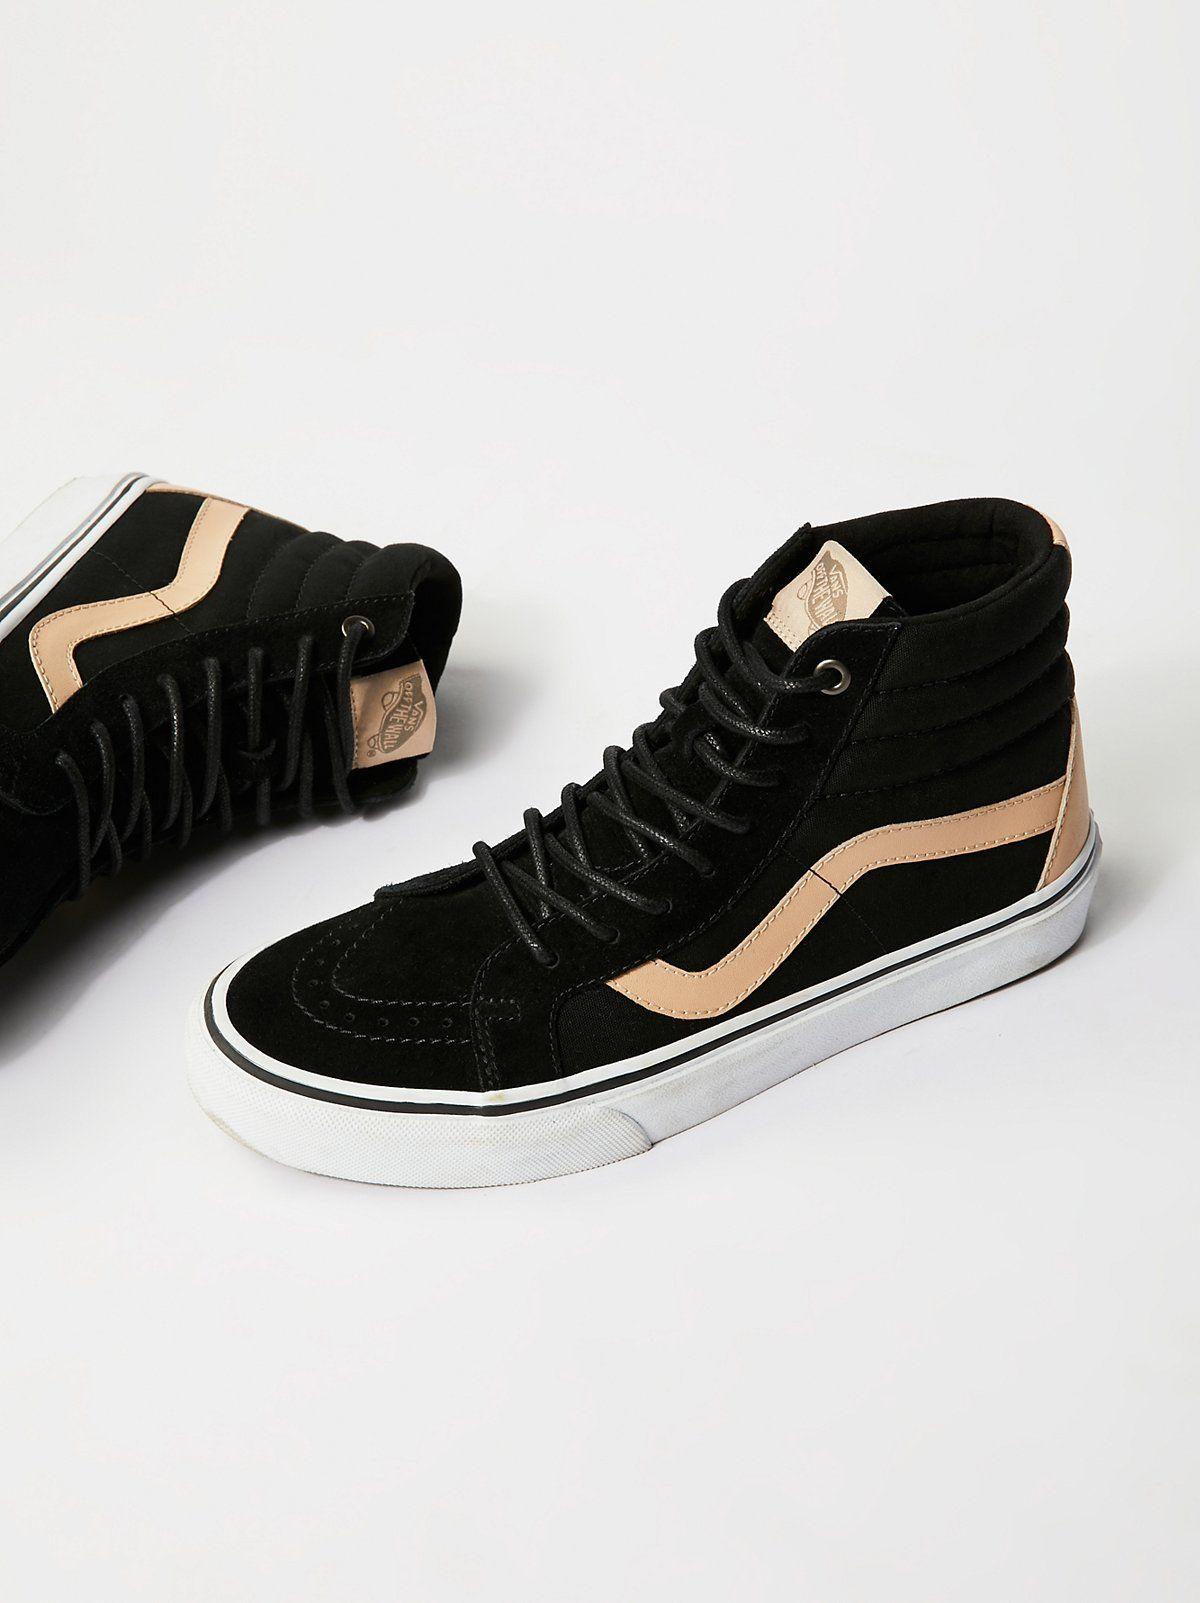 ff65dad971 Vans SK8-Hi Reissue Veggie Tan Sneaker at Free People Clothing Boutique